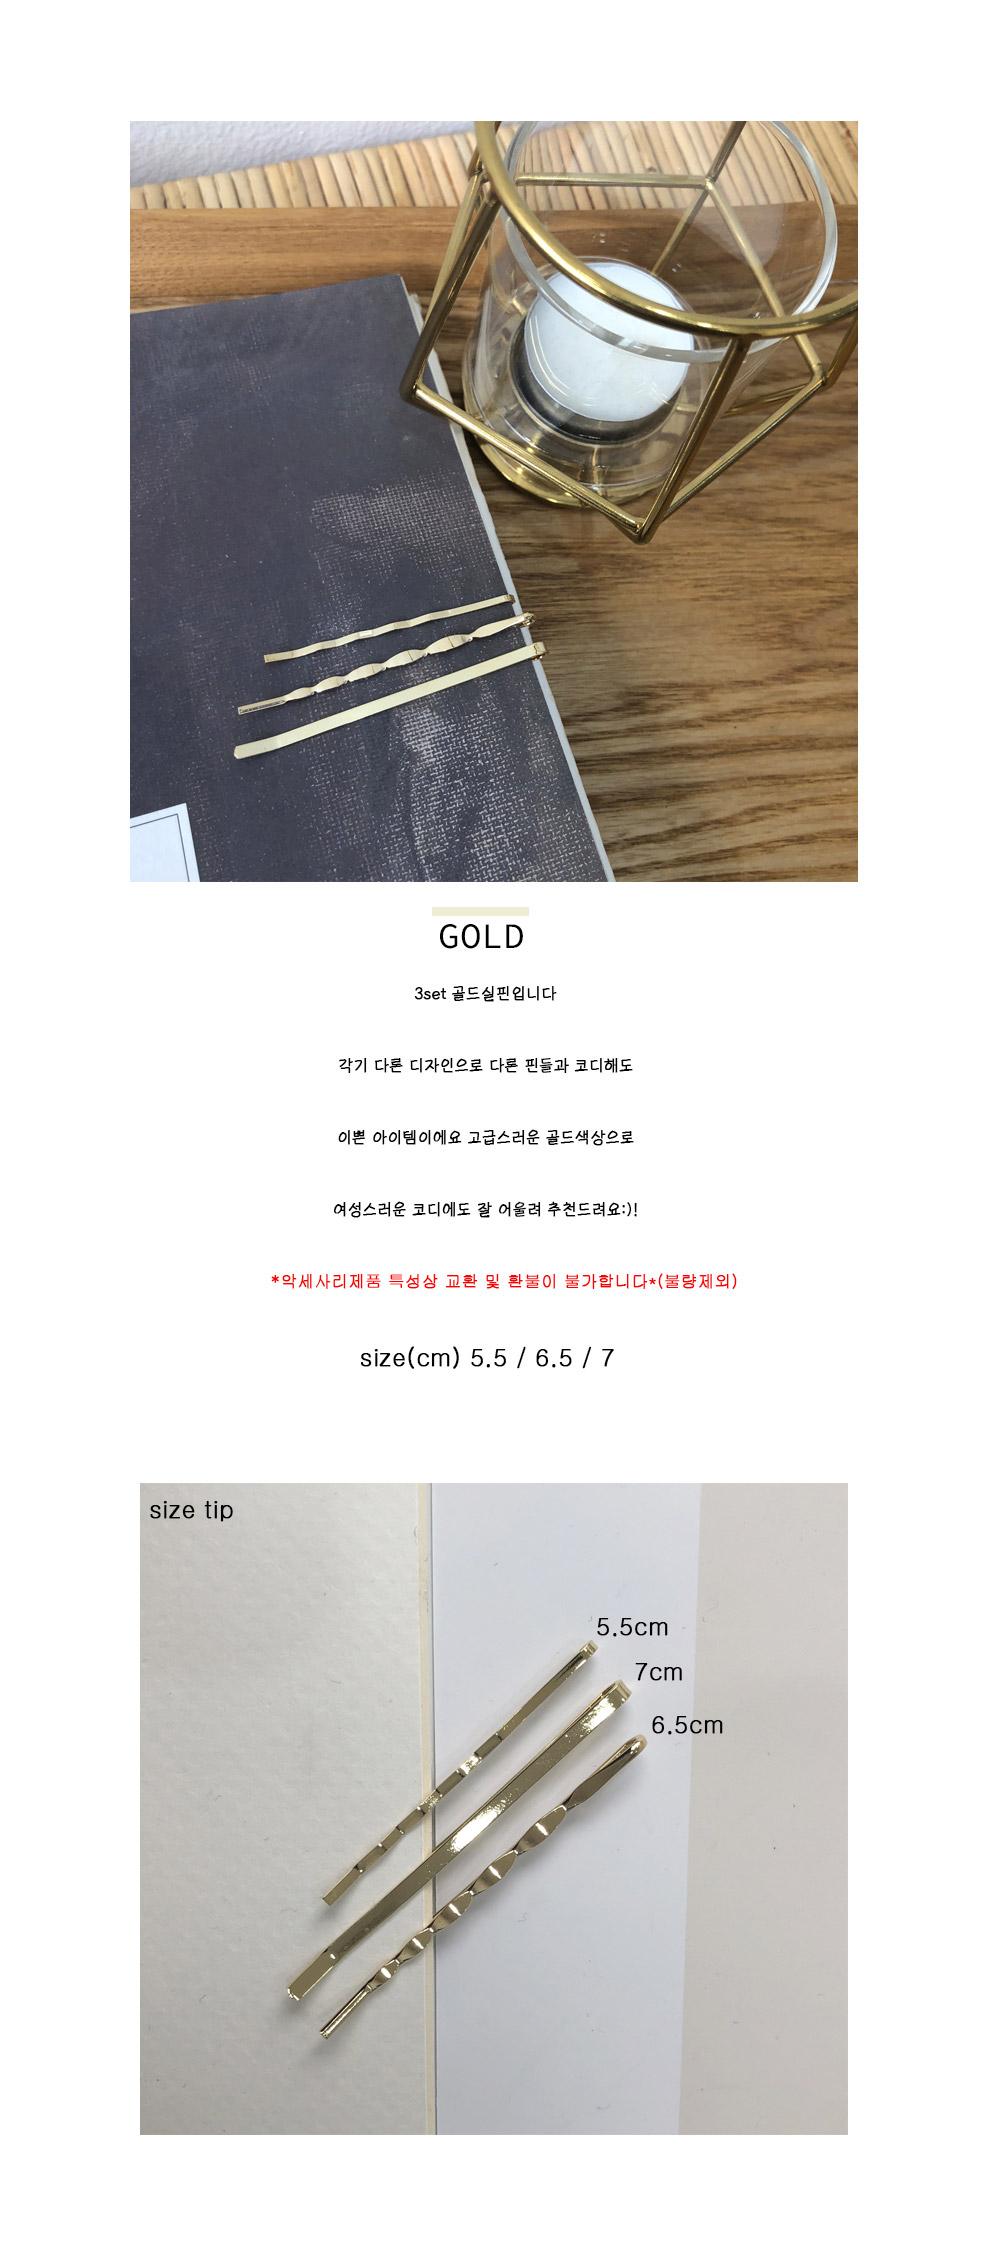 Gold Silfin